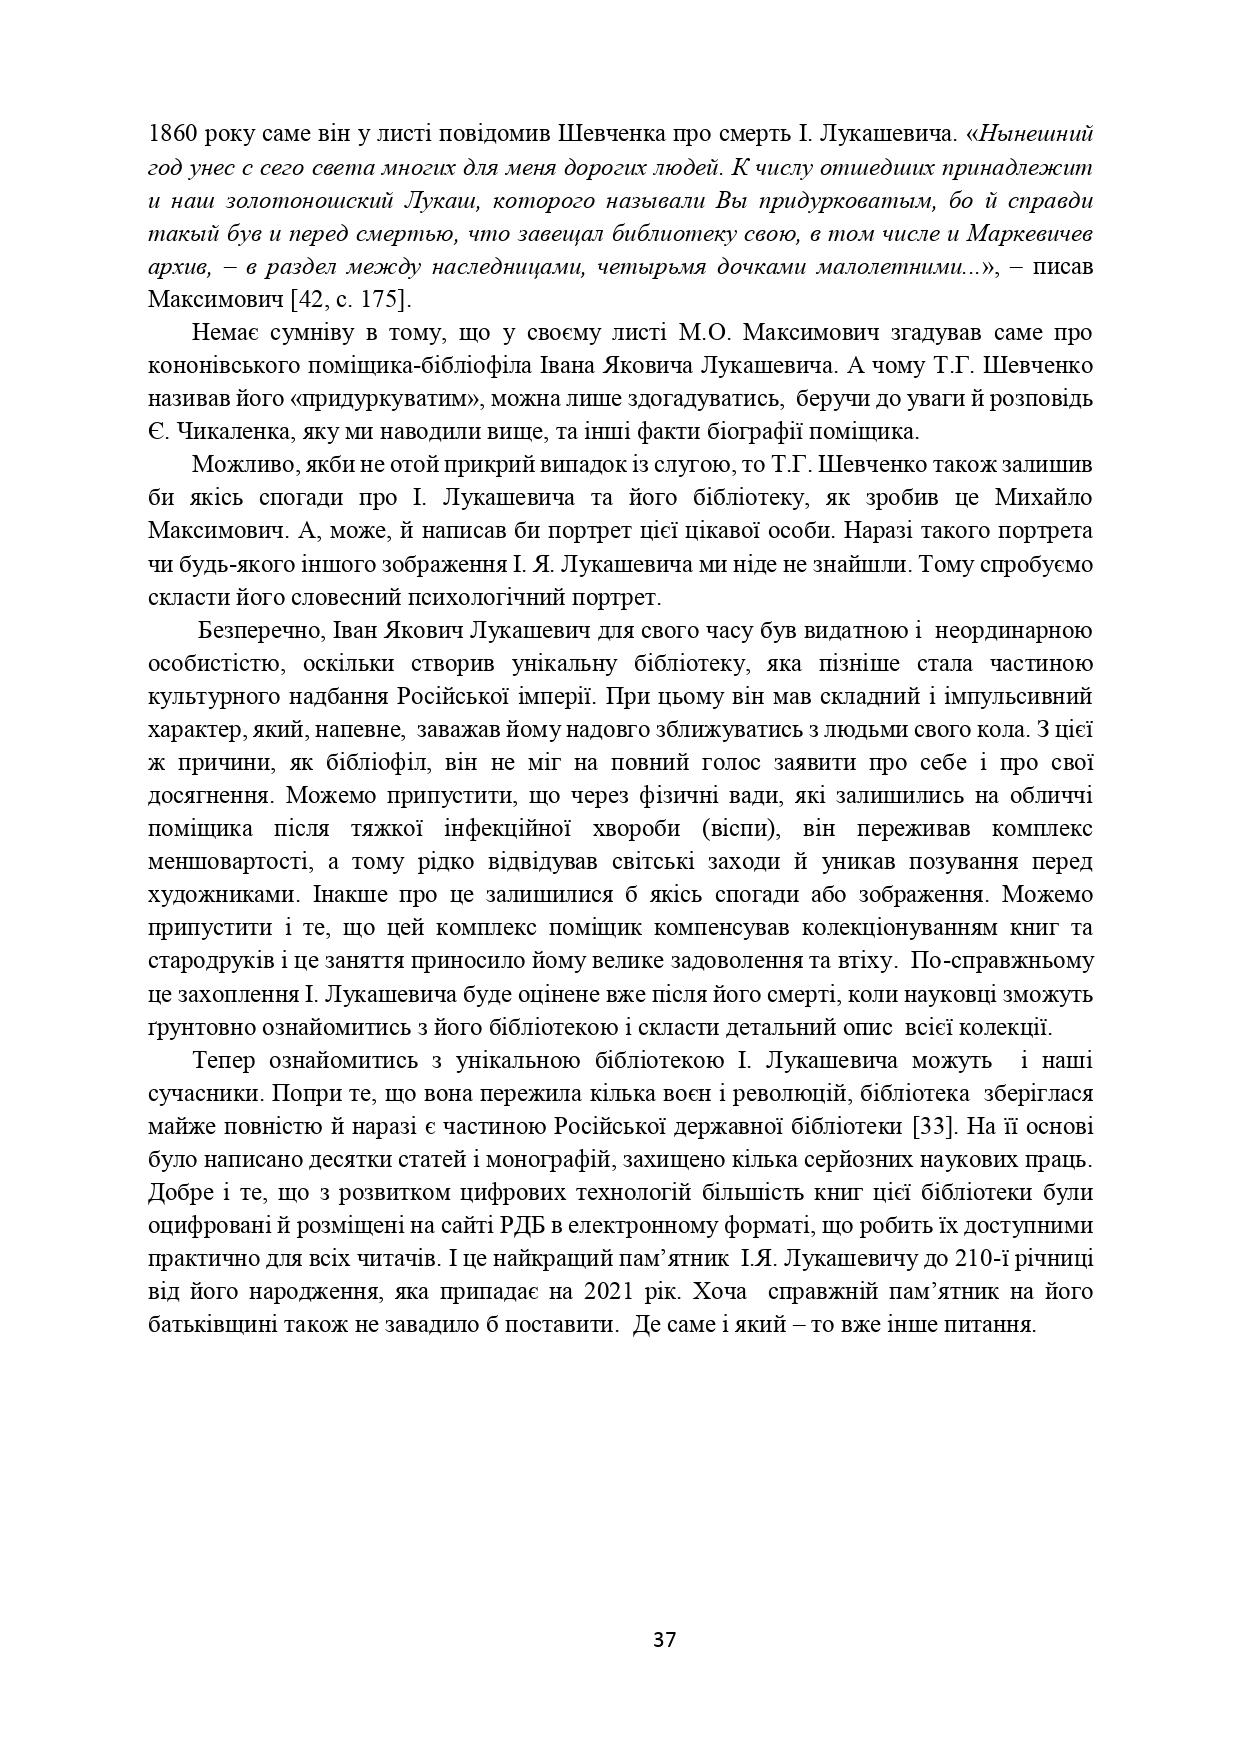 ІСТОРІЯ СЕЛА КОНОНІВКА 2021 (1)_page-0037